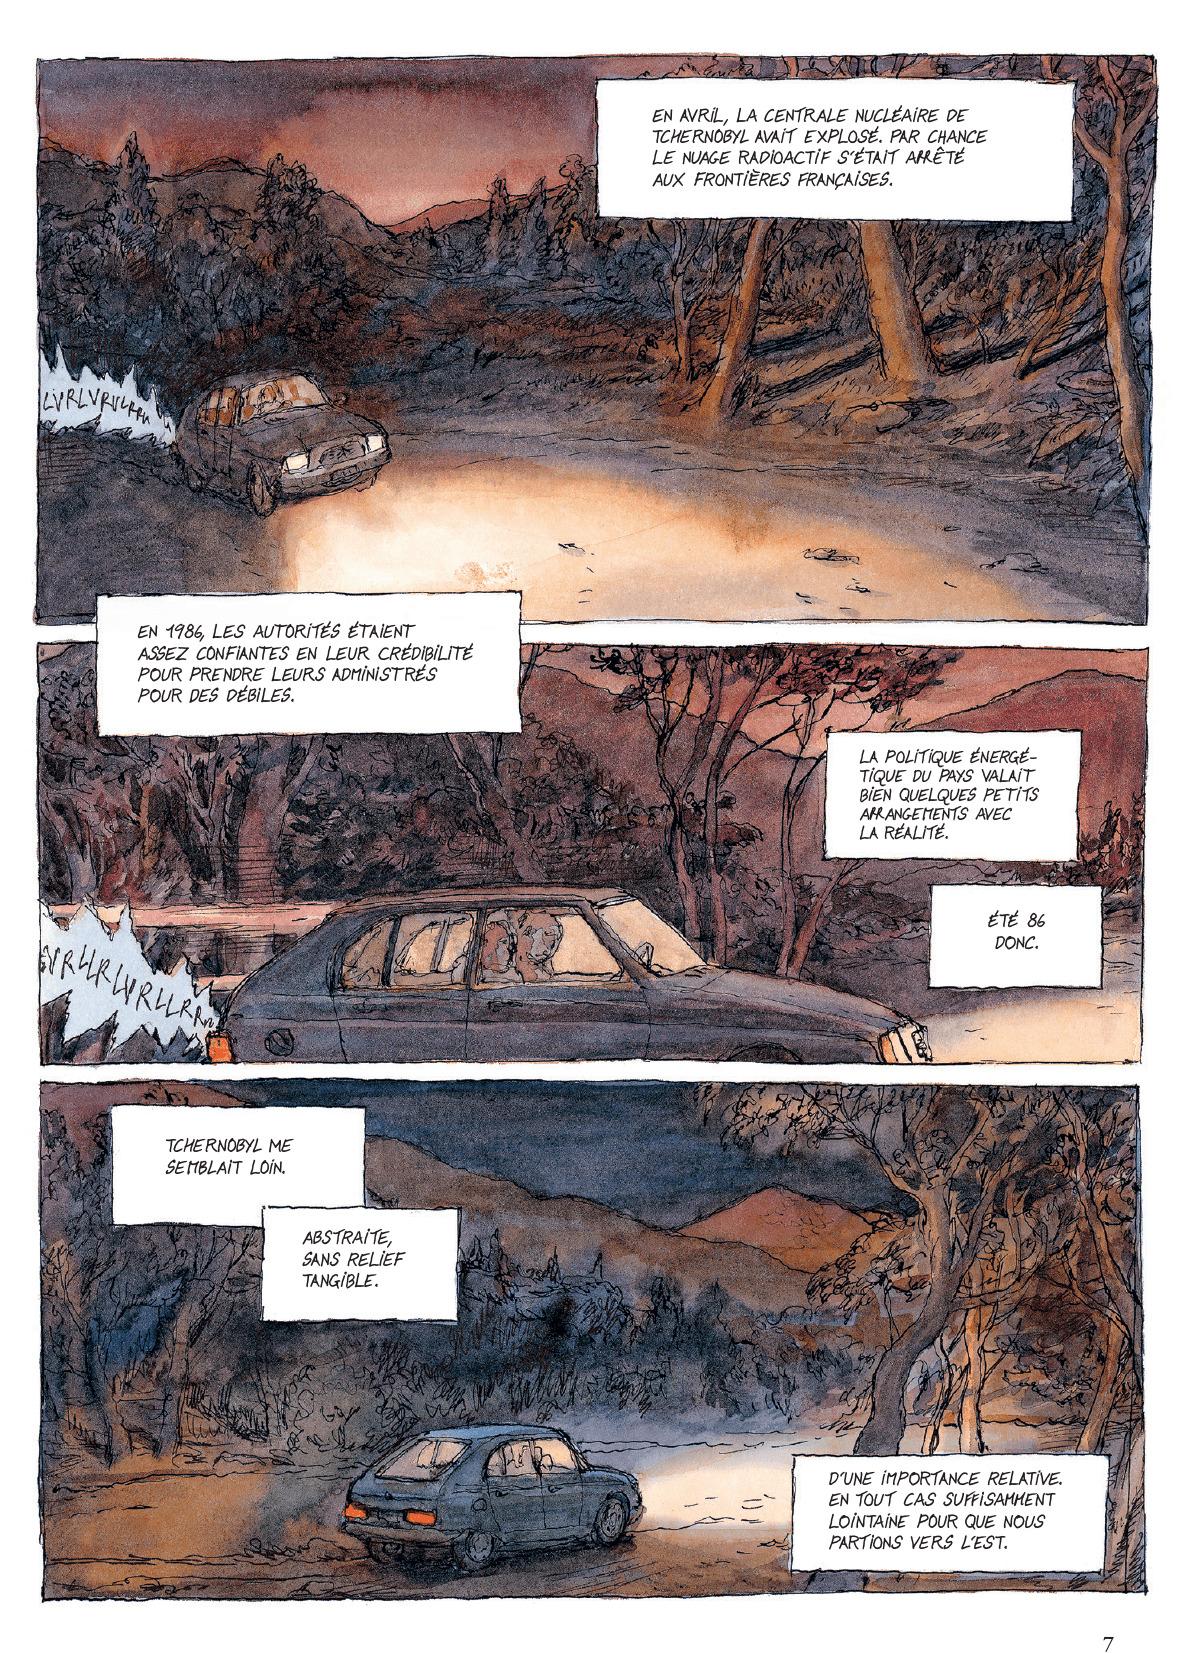 1986 : un autre monde ! (extraits du T1 : planches 3, 9 et 10 - Gallimard 2019).